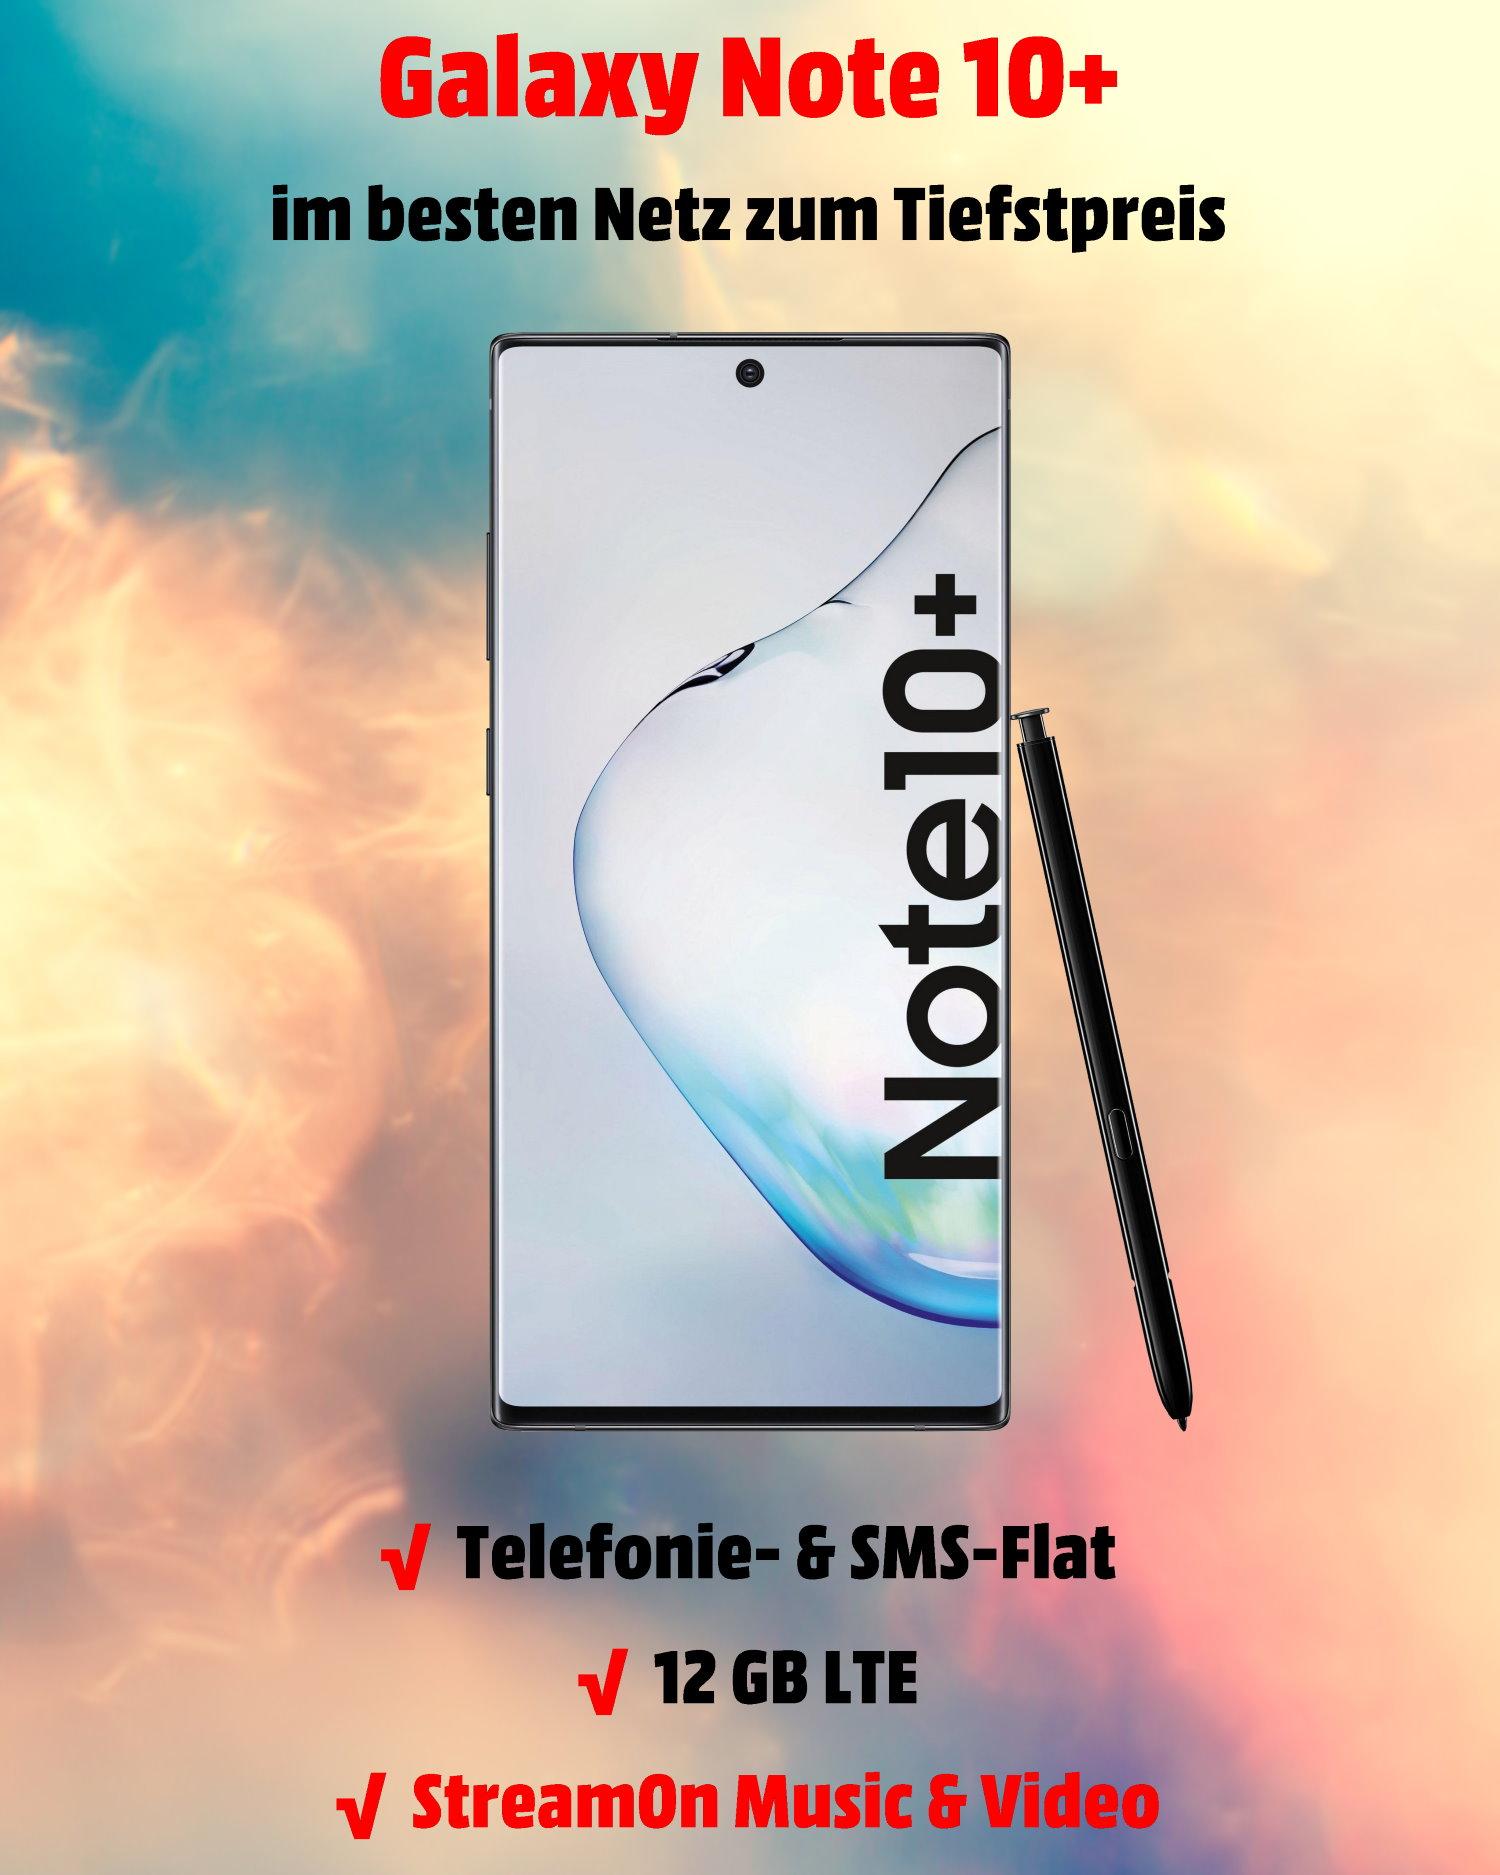 Handy Tarifvergleich Galaxy Note 10 Plus mit 12 GB LTE Allnet-Flat zum Tiefstpreis